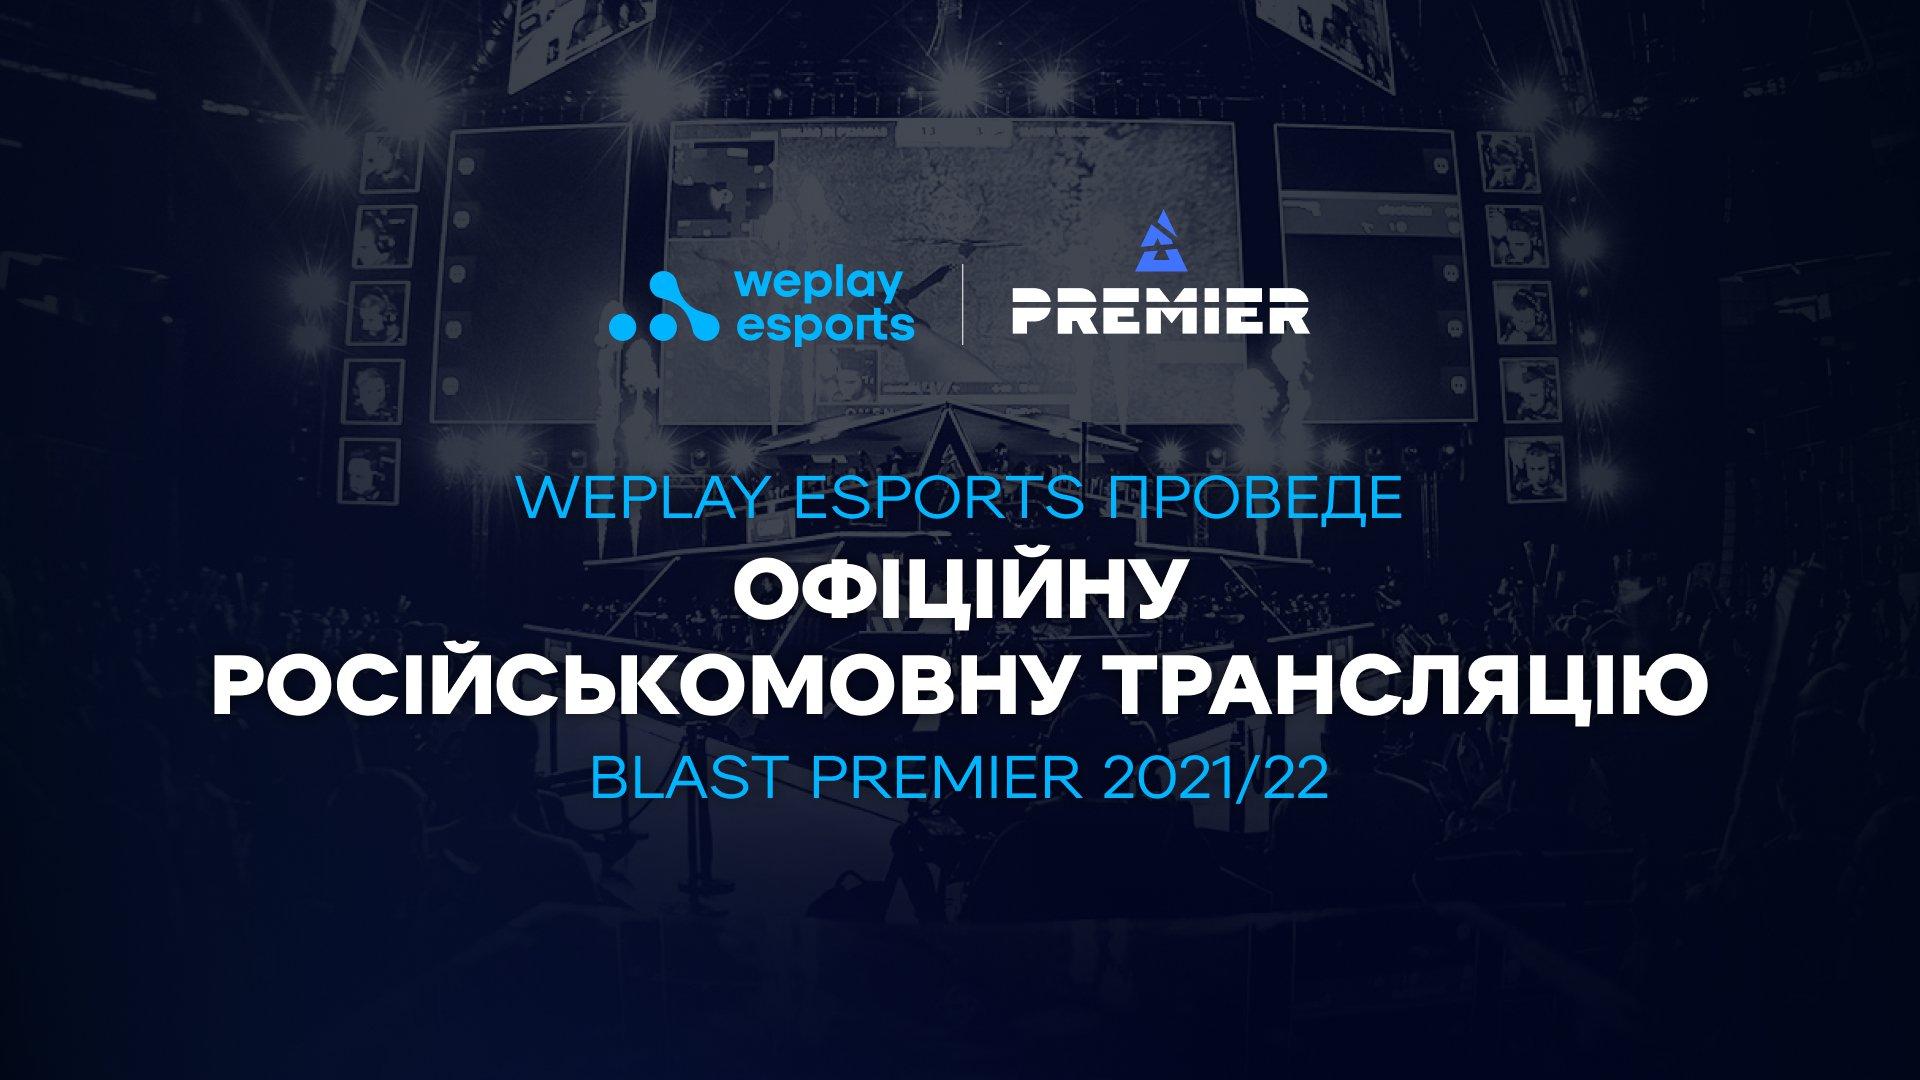 WePlay Esports проведе офіційну російськомовну трансляцію BLAST Premier 2021/22. Зображення: WePlay Holding